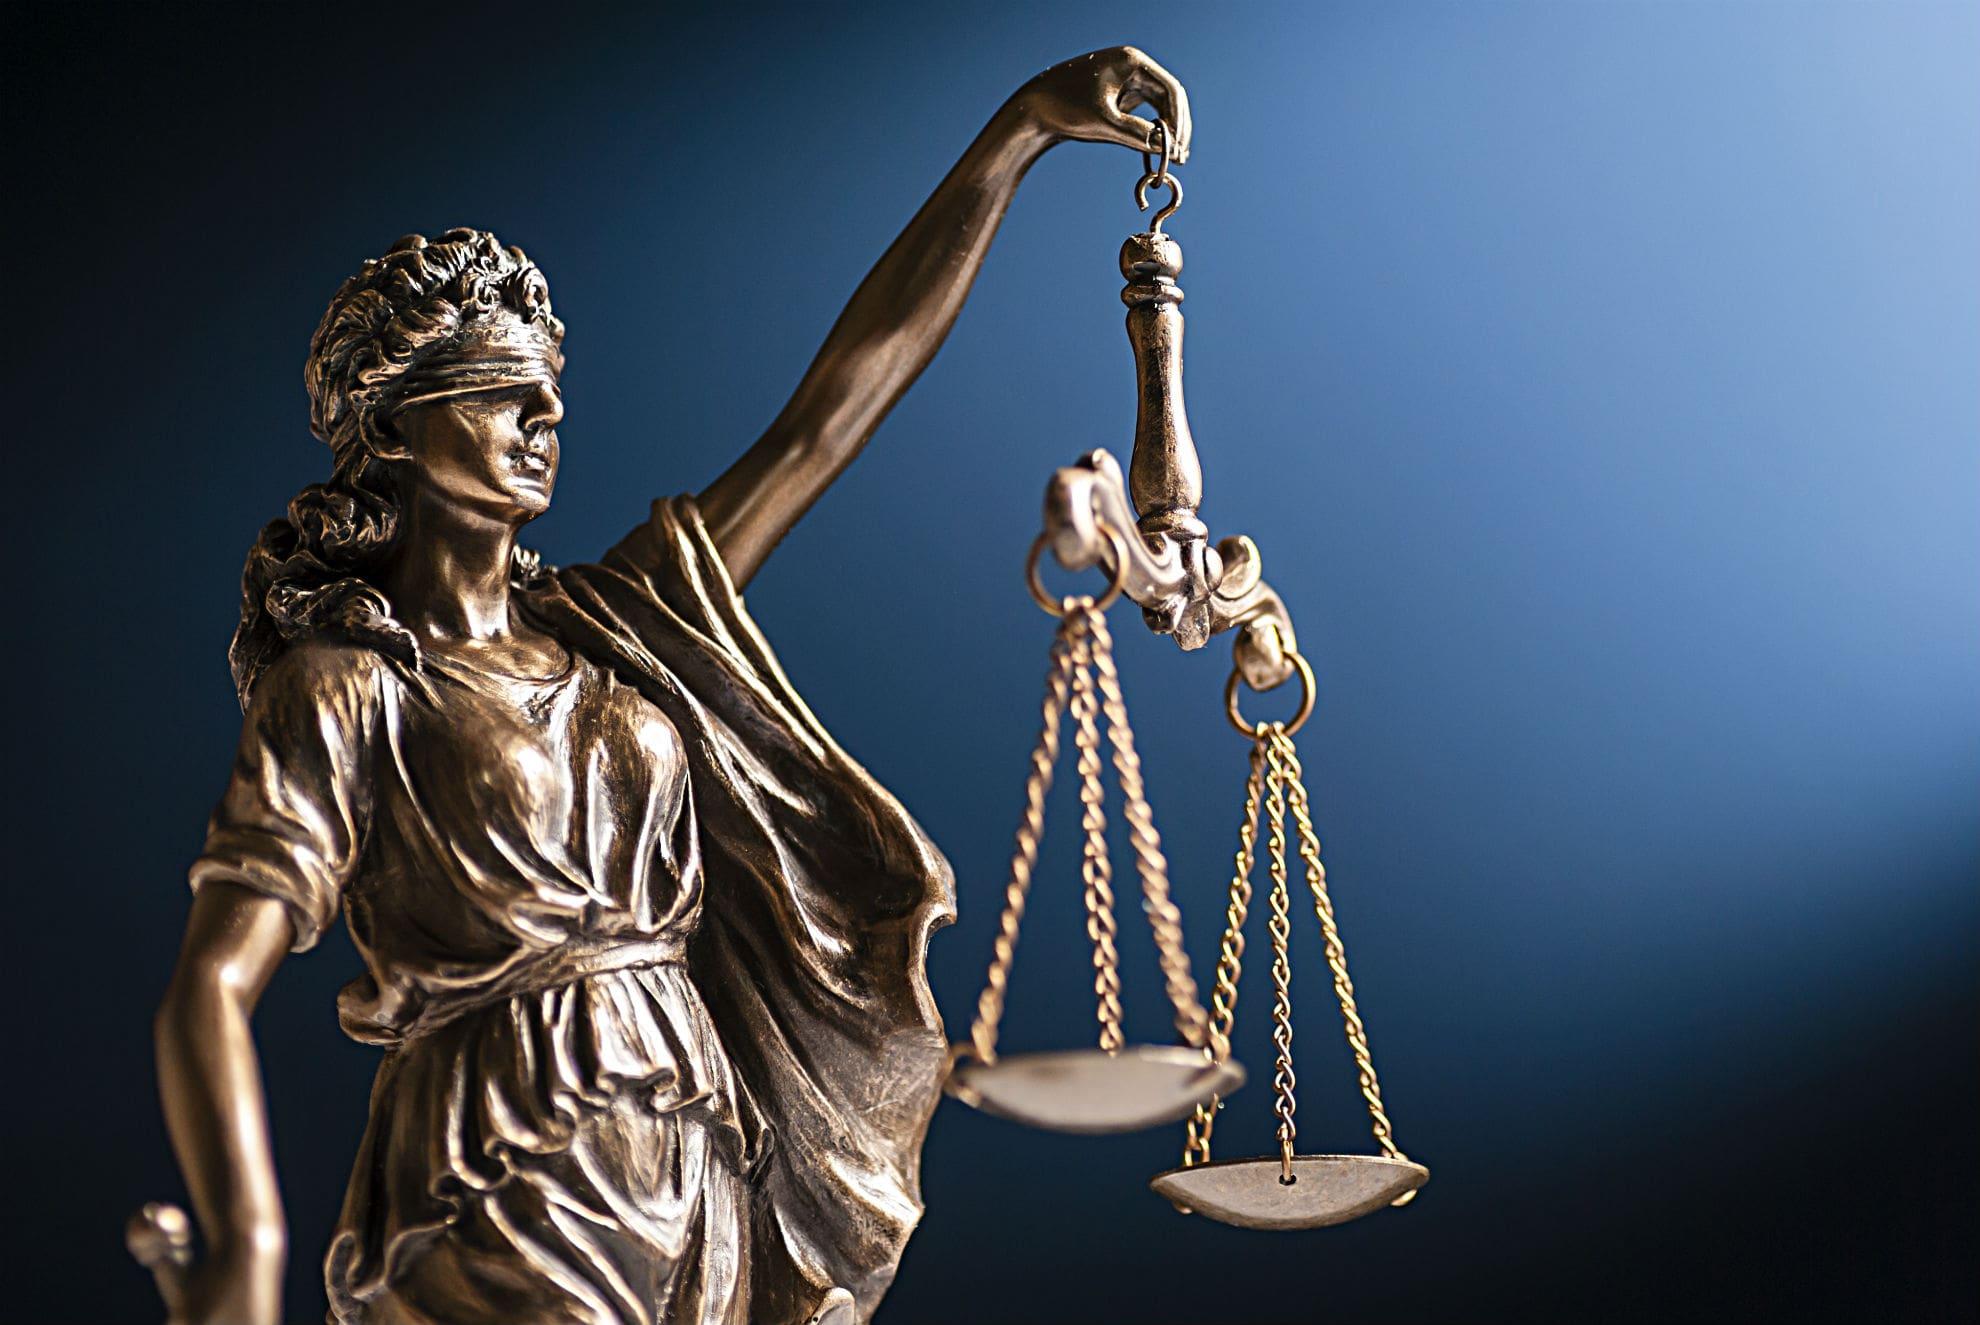 Как обжаловать приговор в кассационной инстанции. Адвокат в Запорожье. Юридическое бюро Линия права